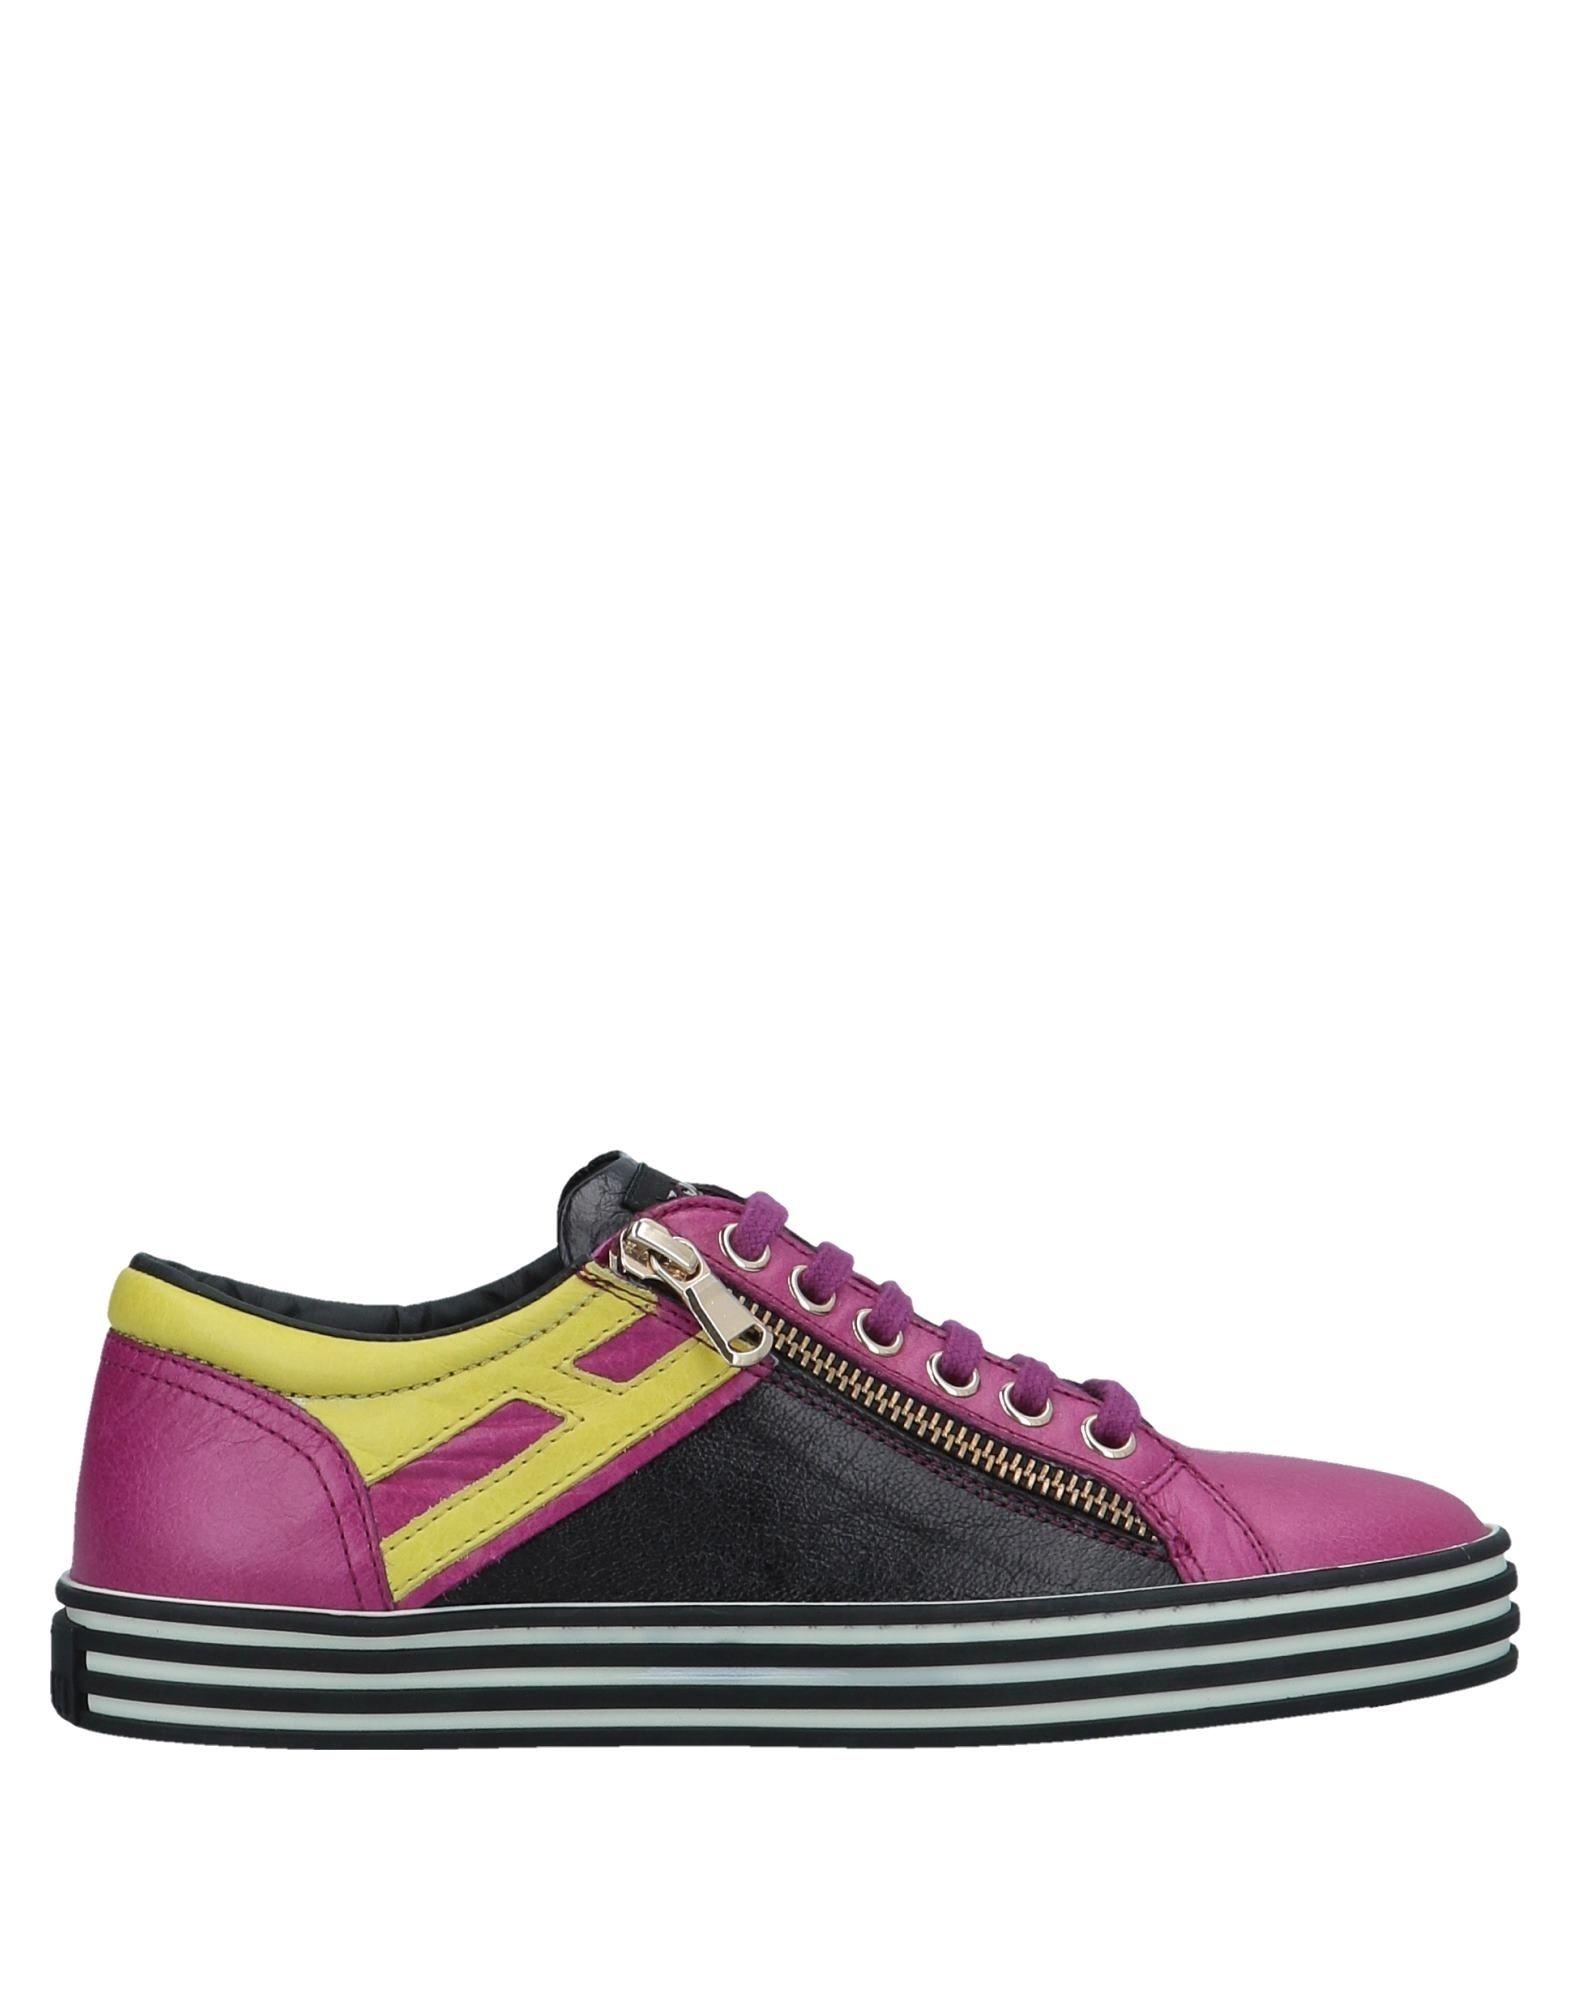 Hogan Rebel Sneakers - Women on Hogan Rebel Sneakers online on Women  United Kingdom - 11567689VH c97547